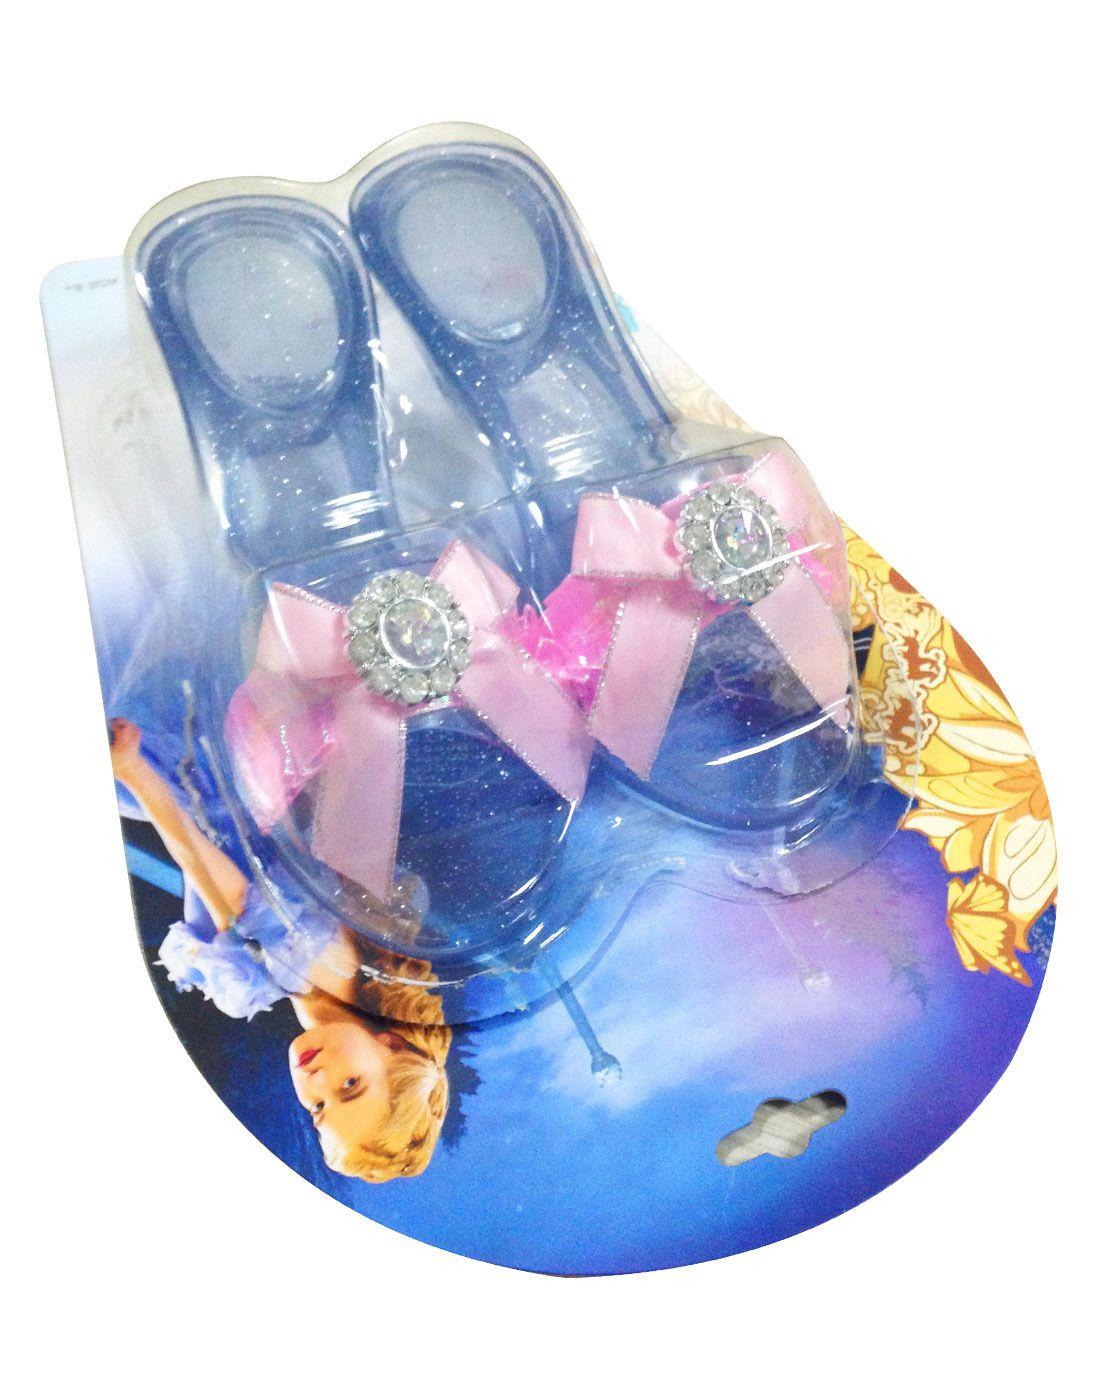 迪士尼公主水晶鞋